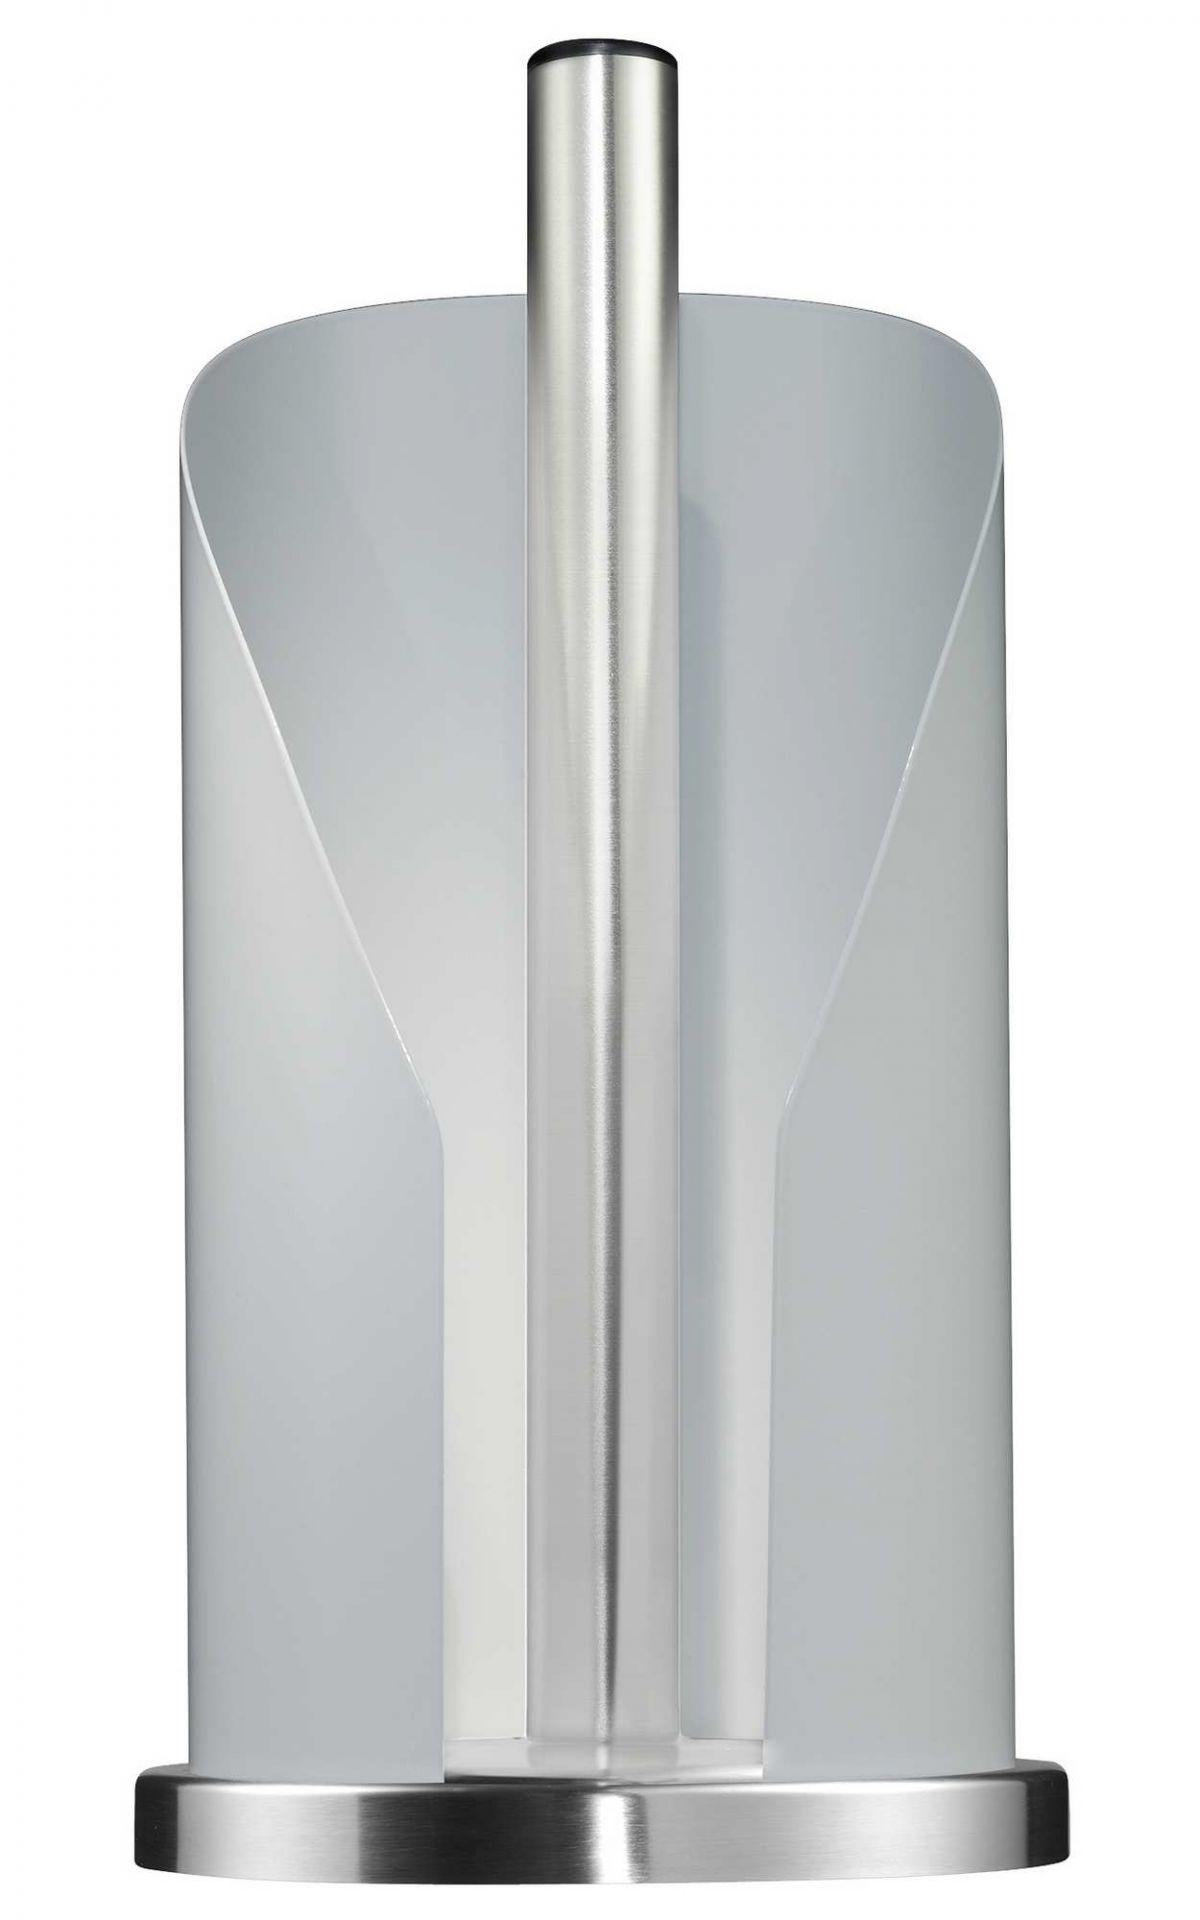 (Toilet) paper holder Wesco